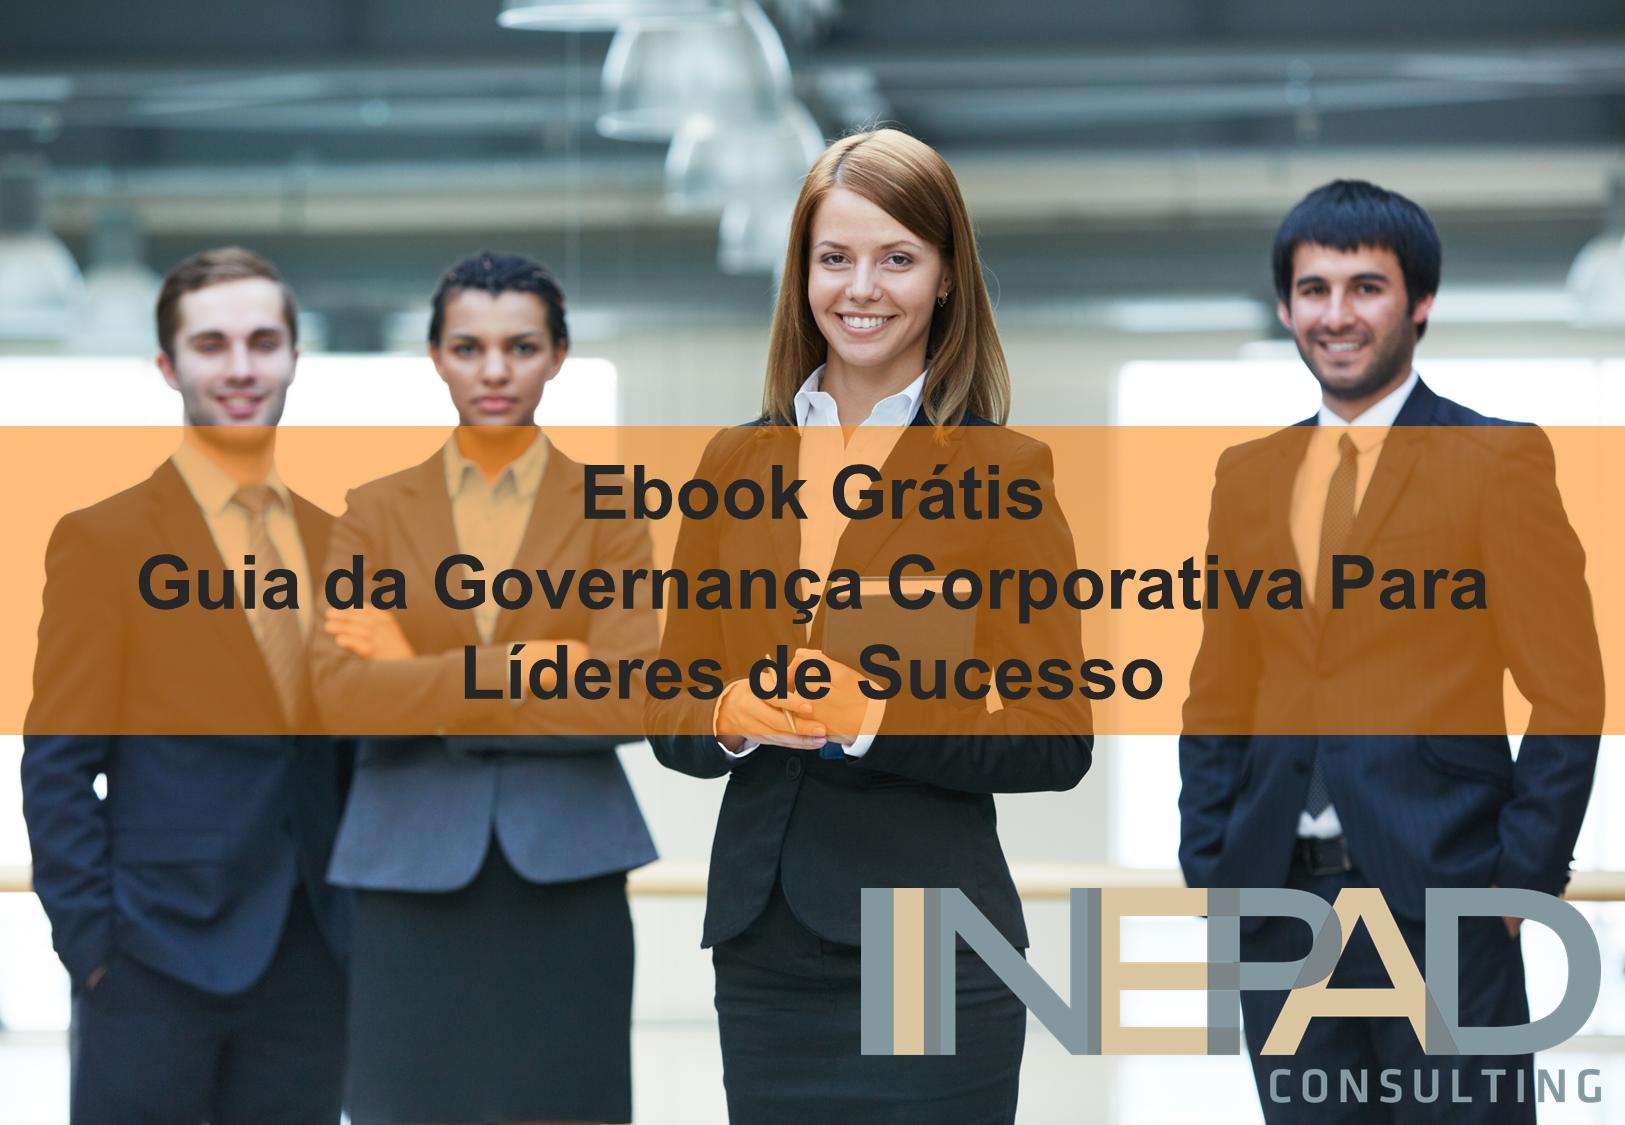 Ebook: Guia da Governança Corporativa Para Líderes de Sucesso